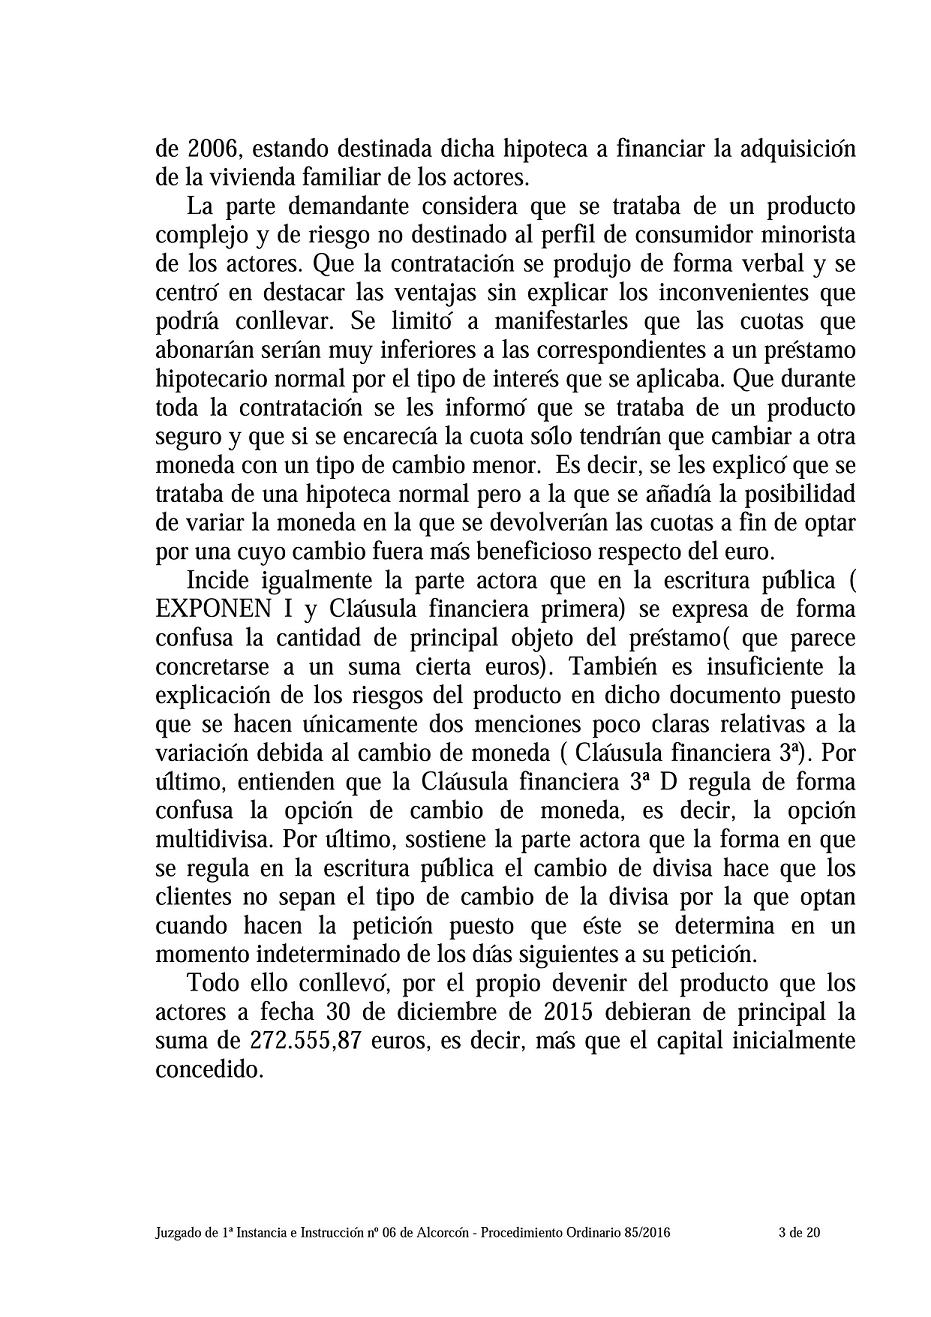 sentenciabankinter1-3